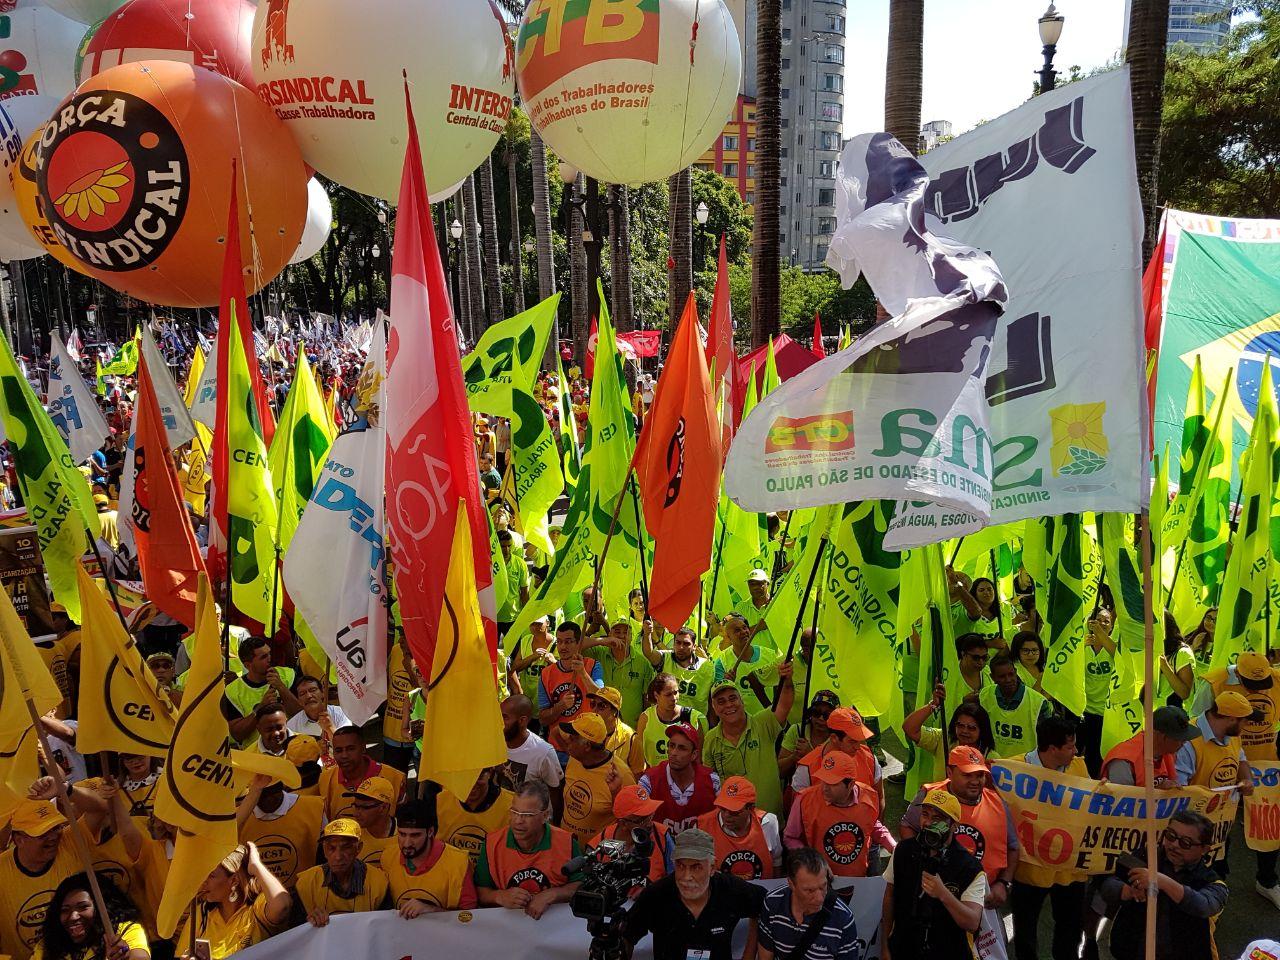 Dia Nacional de Protestos, Lutas e Paralisações – Reforma Trabalhista